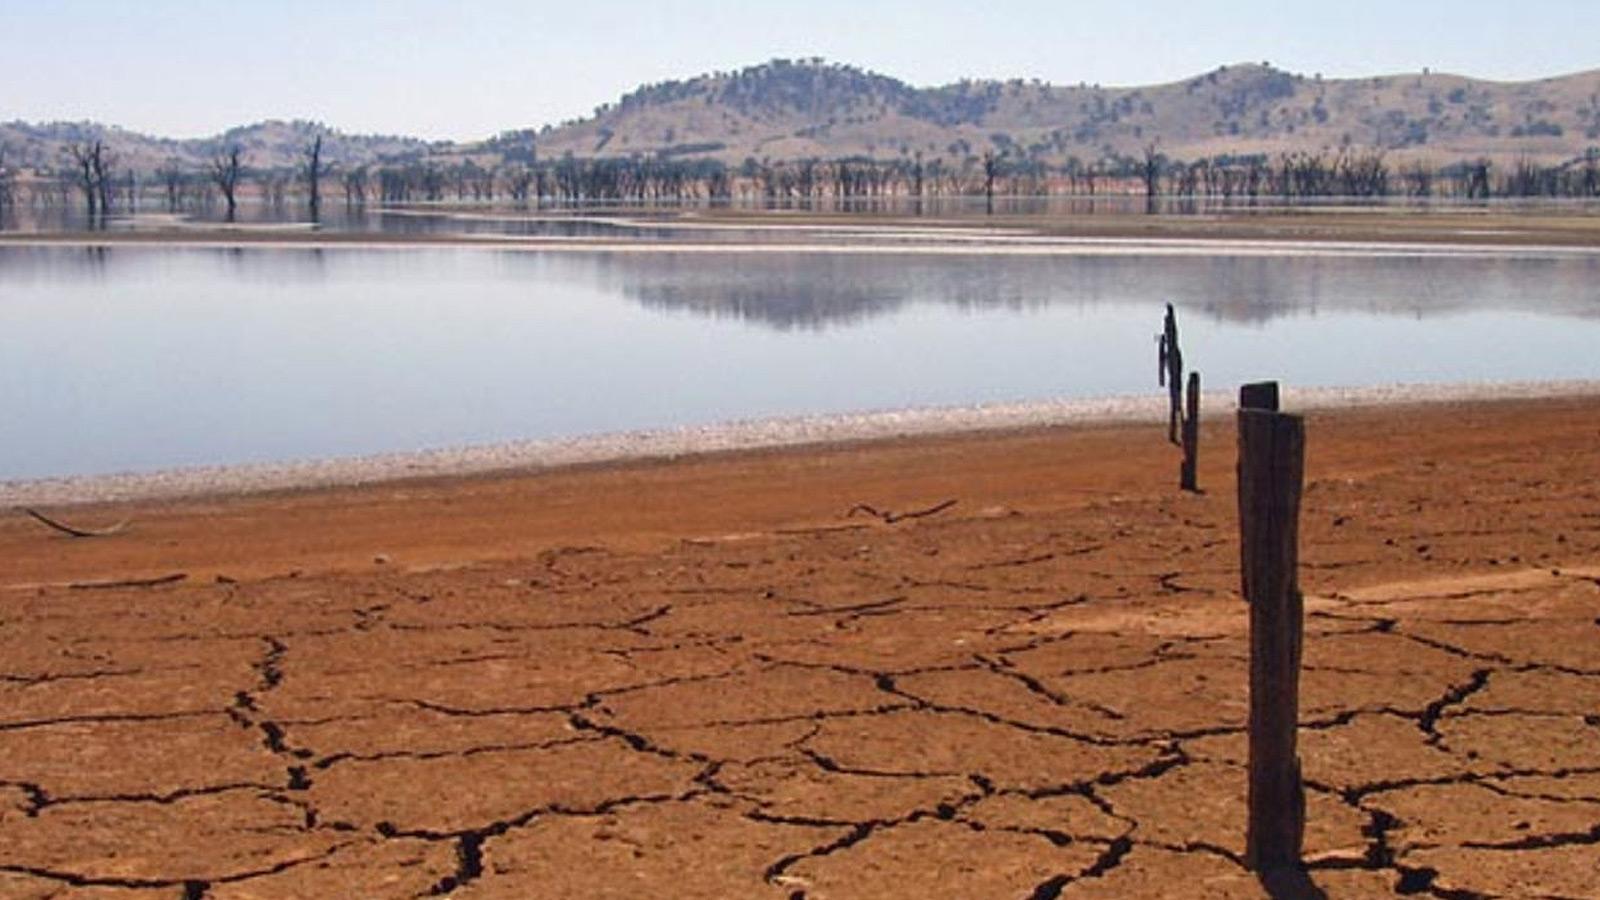 Ещё полтора десятка лет – и в Сочи могут заговорить о нехватке питьевой воды